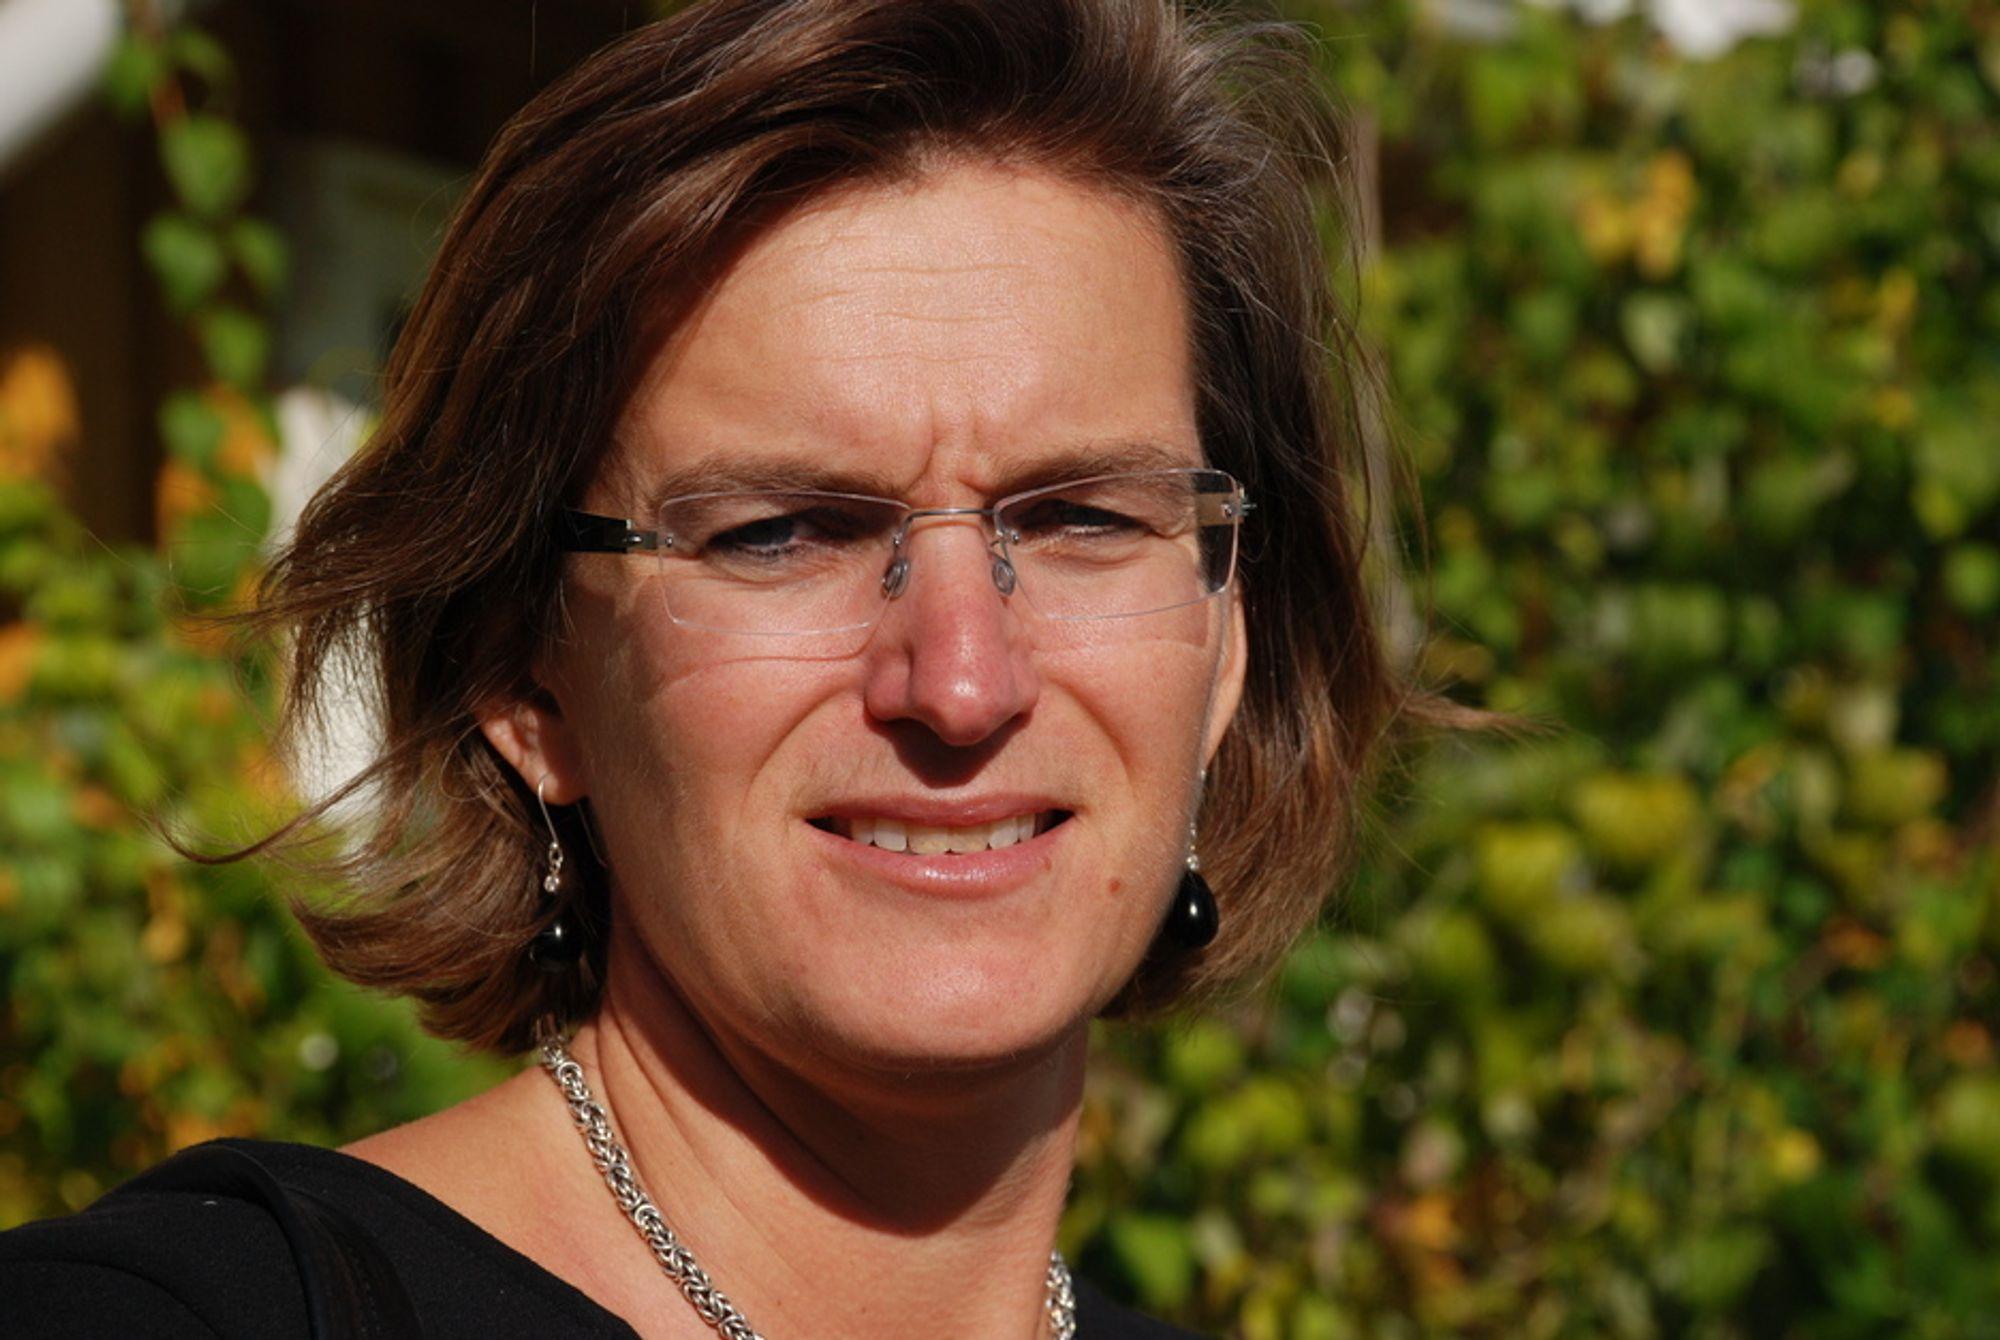 U-LANDSKVOTER: Norske bedrifter leverte inn tre millioner såkalte CDM-klimakvoter fra prosjekter i u-land, opplyser Klif-direktør Ellen Hambro.